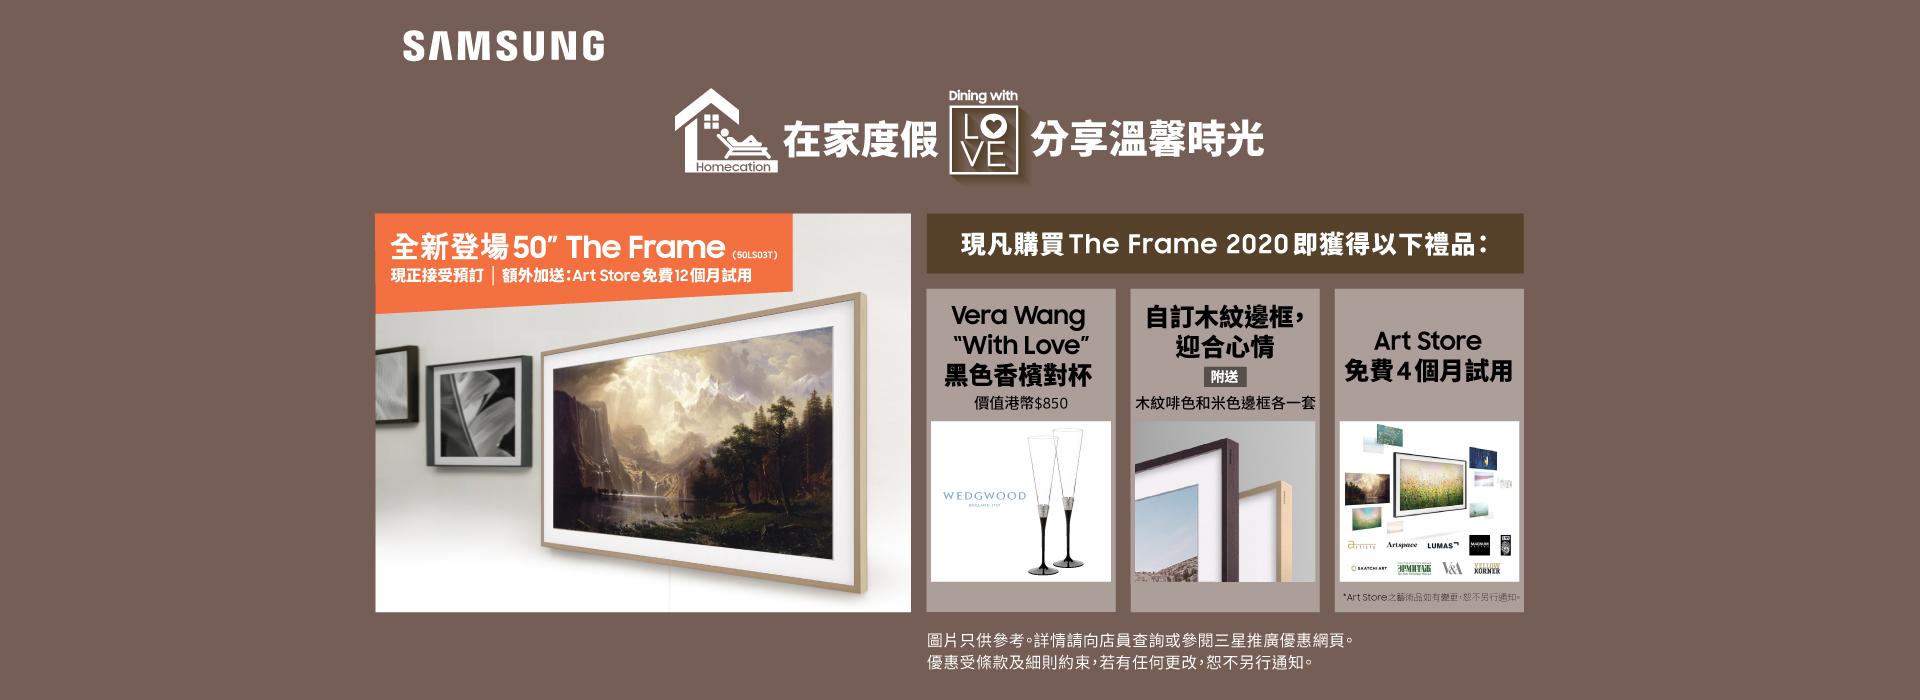 Samsung 50in Frame TV Pre-sales